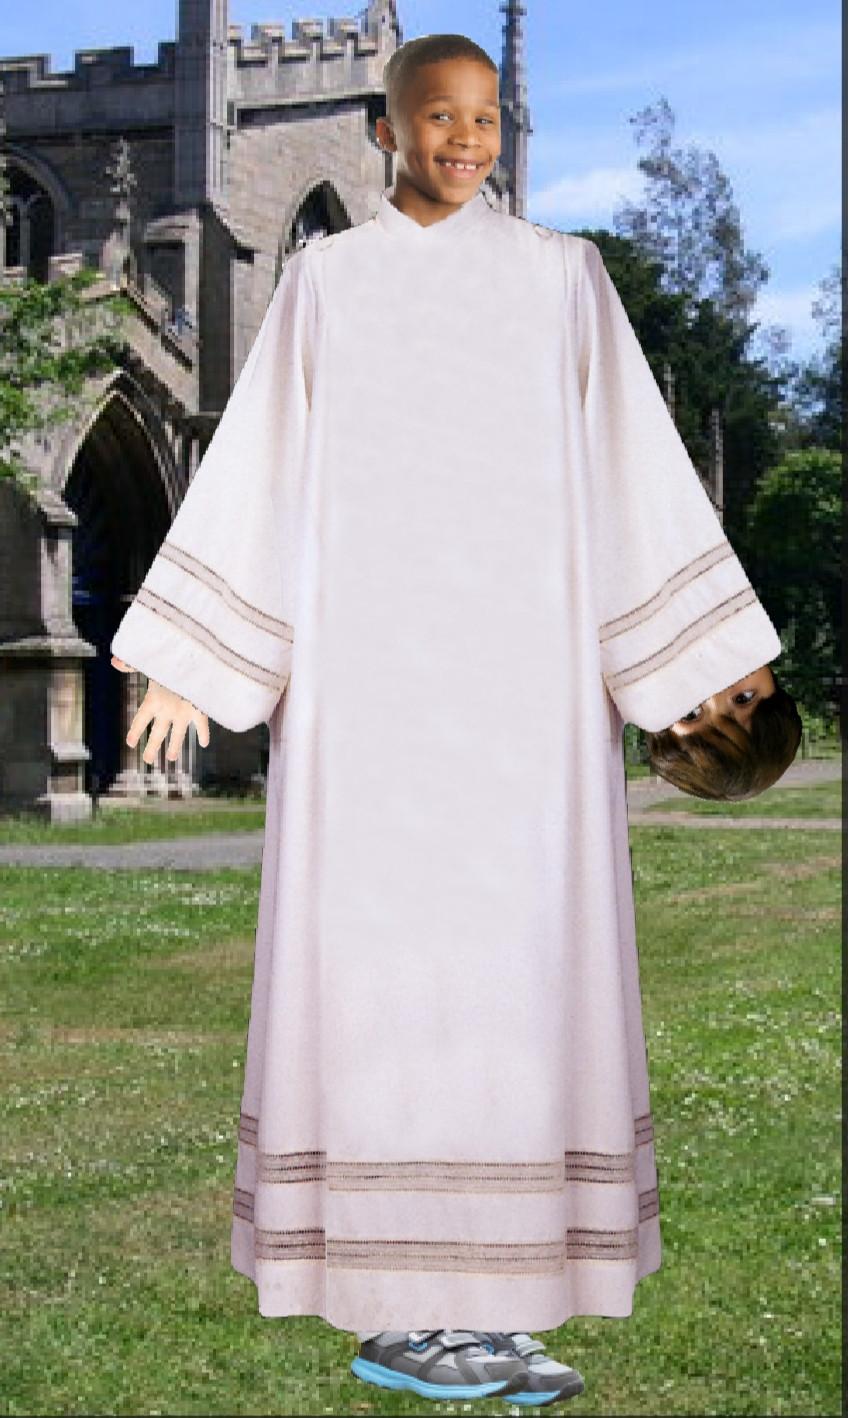 Classic Little Rascals bit in priest robe